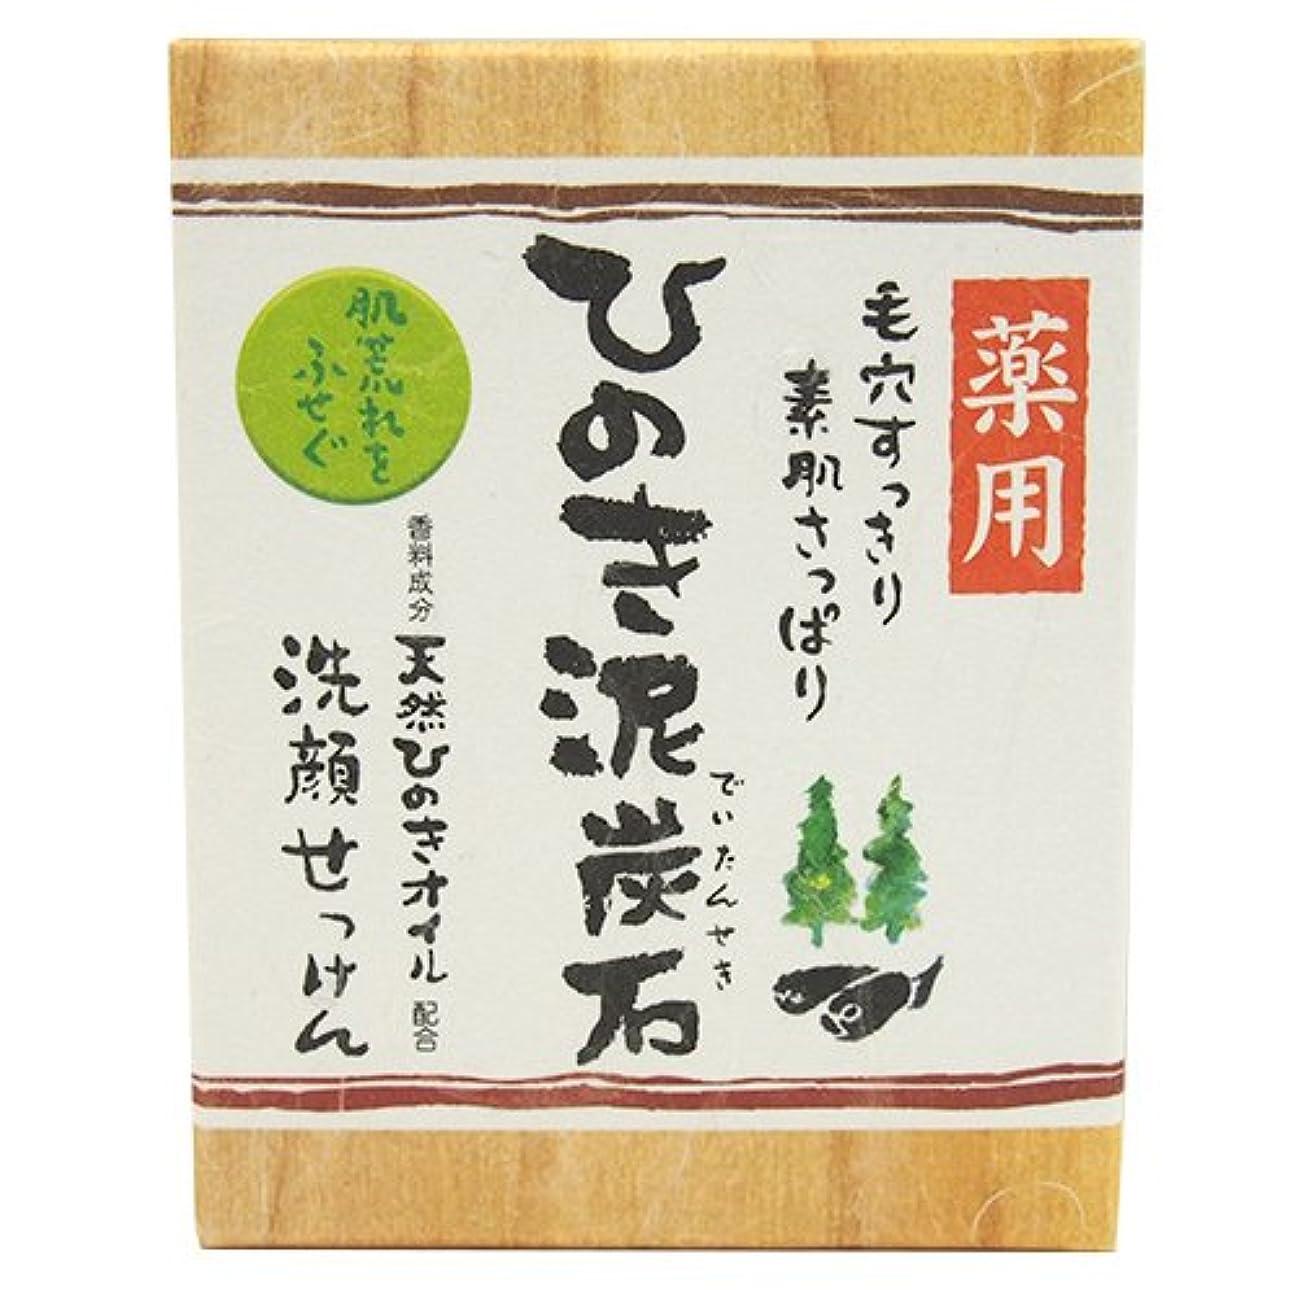 レイアウト結核合金東京宝 薬用ひのき泥炭石 すっきり黒タイプ 洗顔石鹸 75g